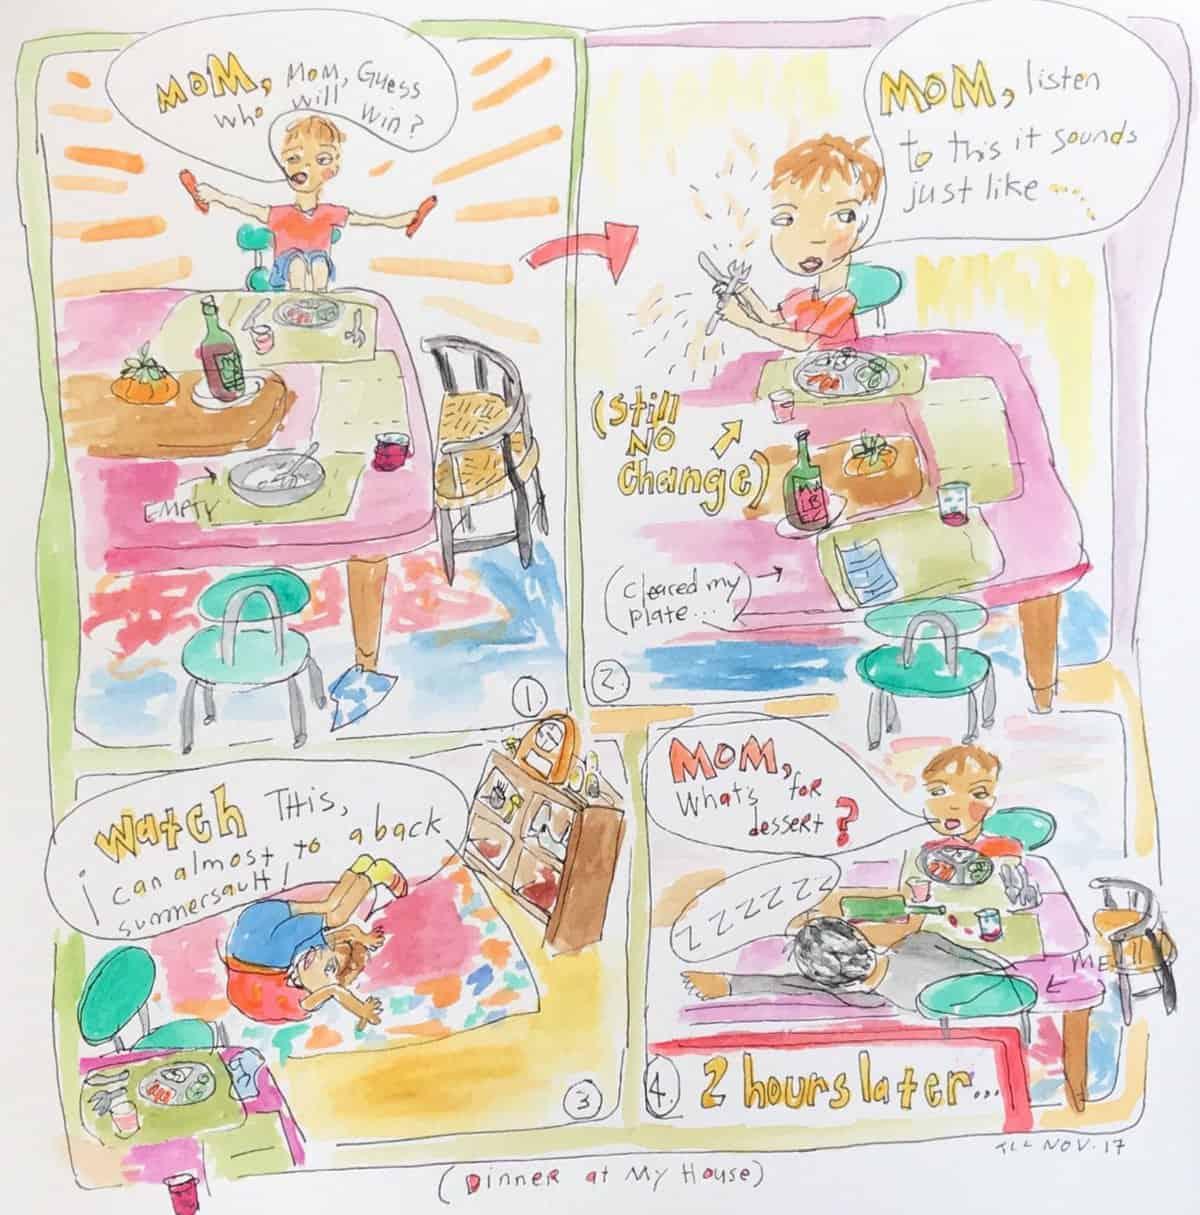 A weekly illustration by Tara Carmichael